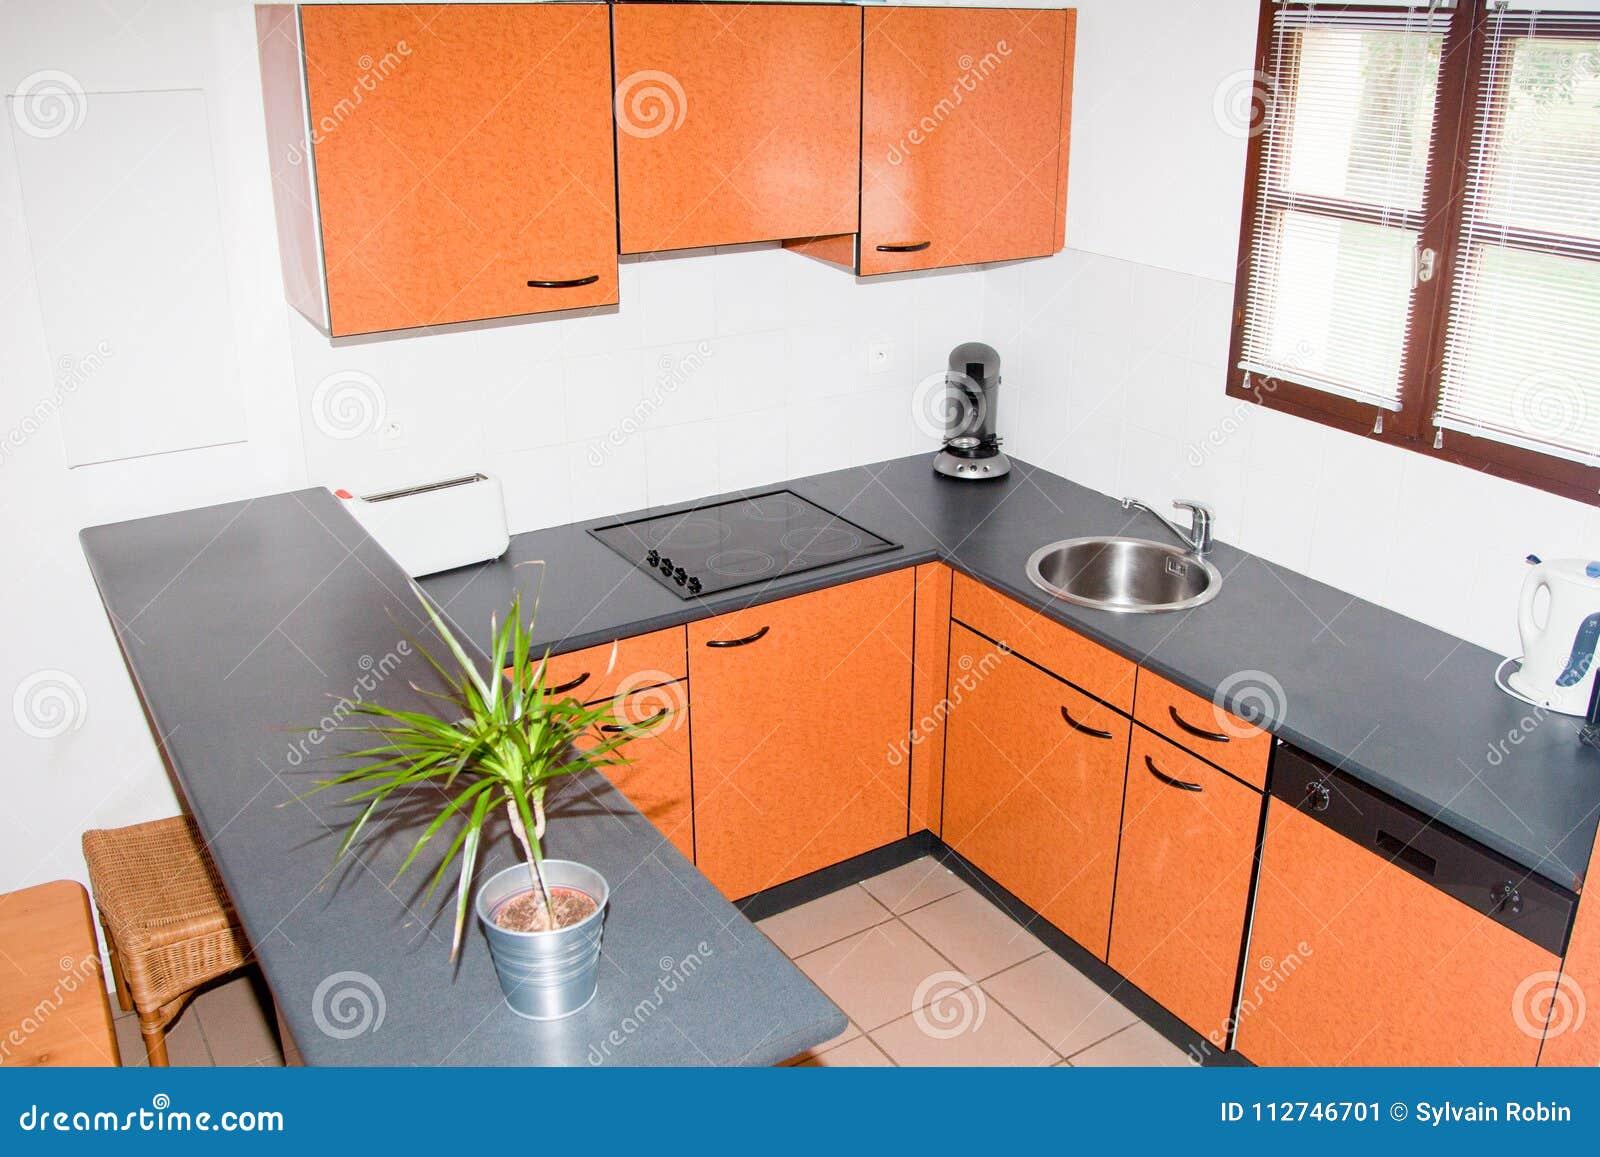 Small bright orange kitchen set in modern style vintage